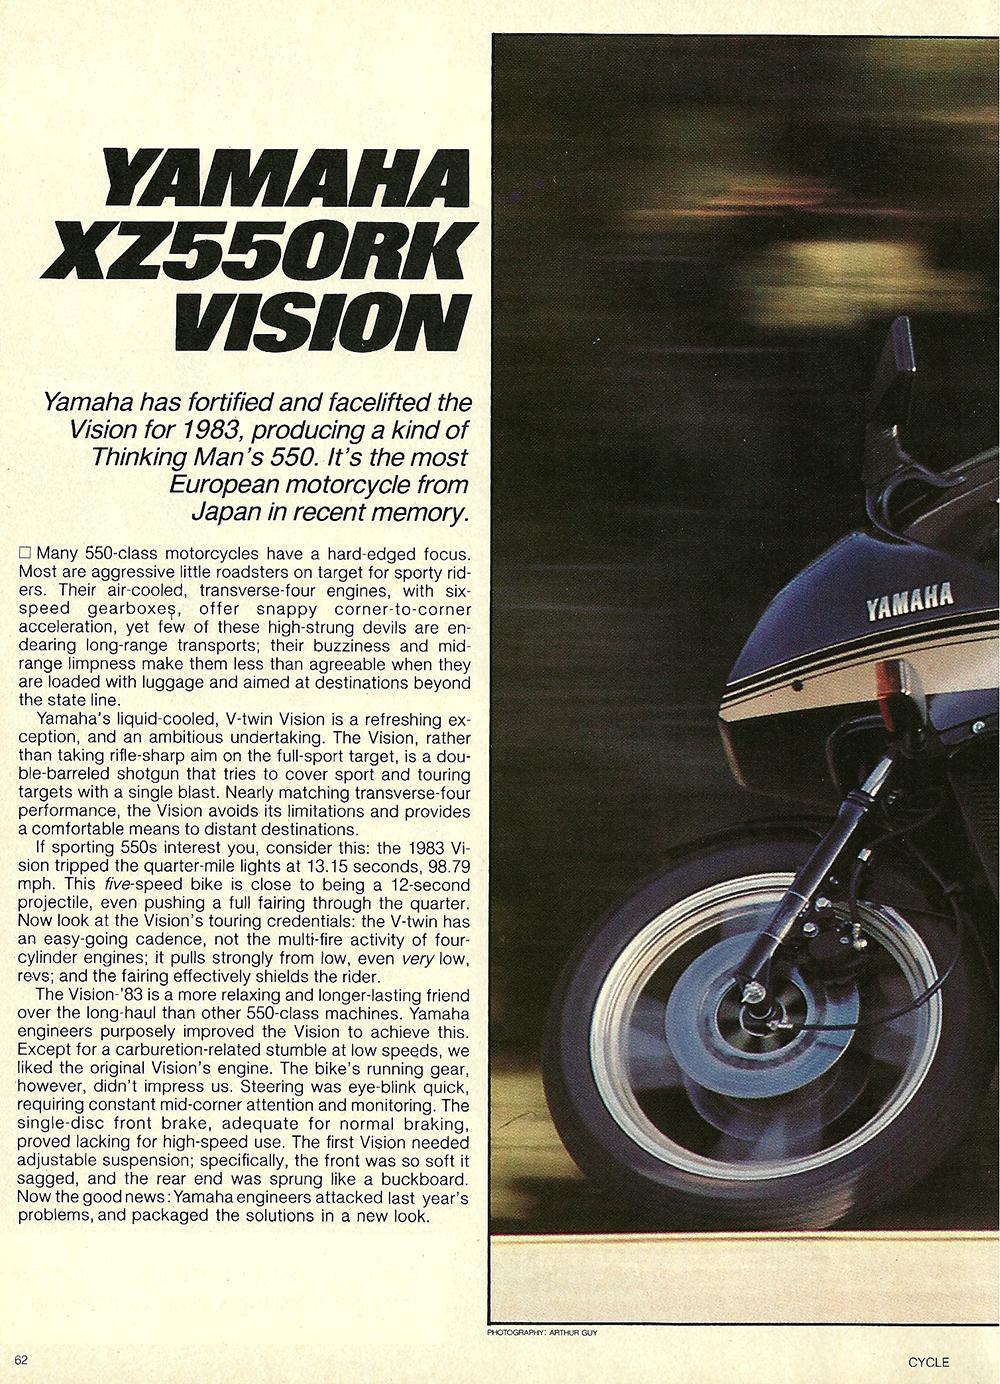 1983 Yamaha XZ550RK Vision road test 1.jpg